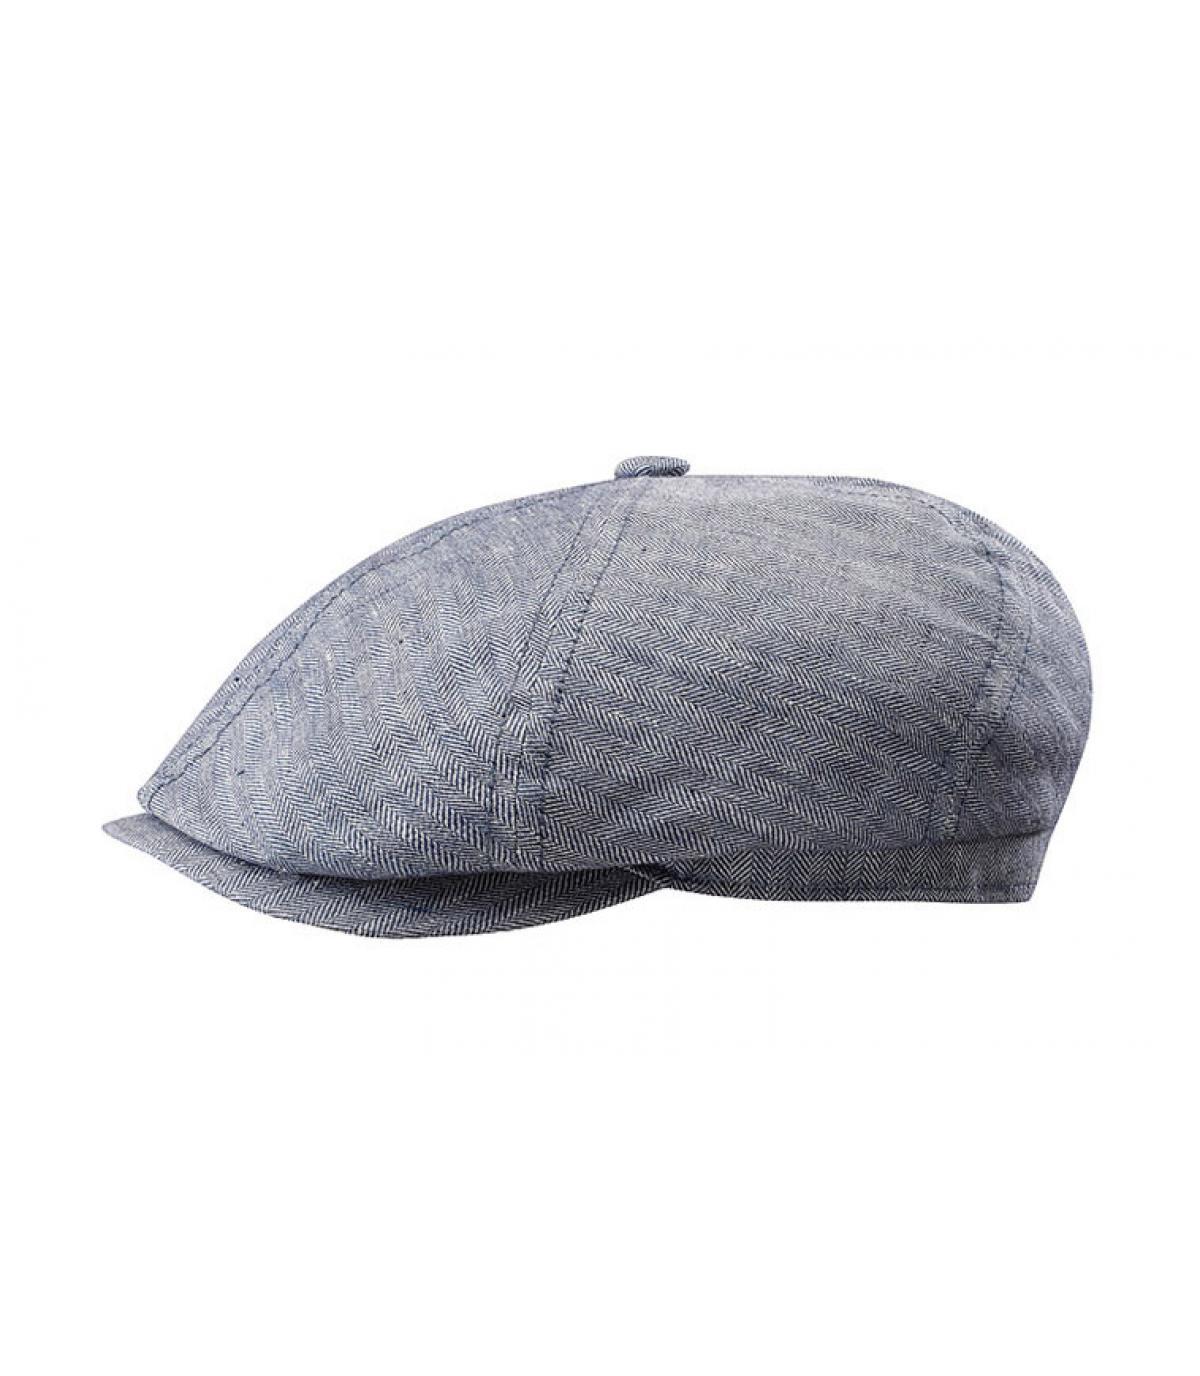 Hatteras cap linen